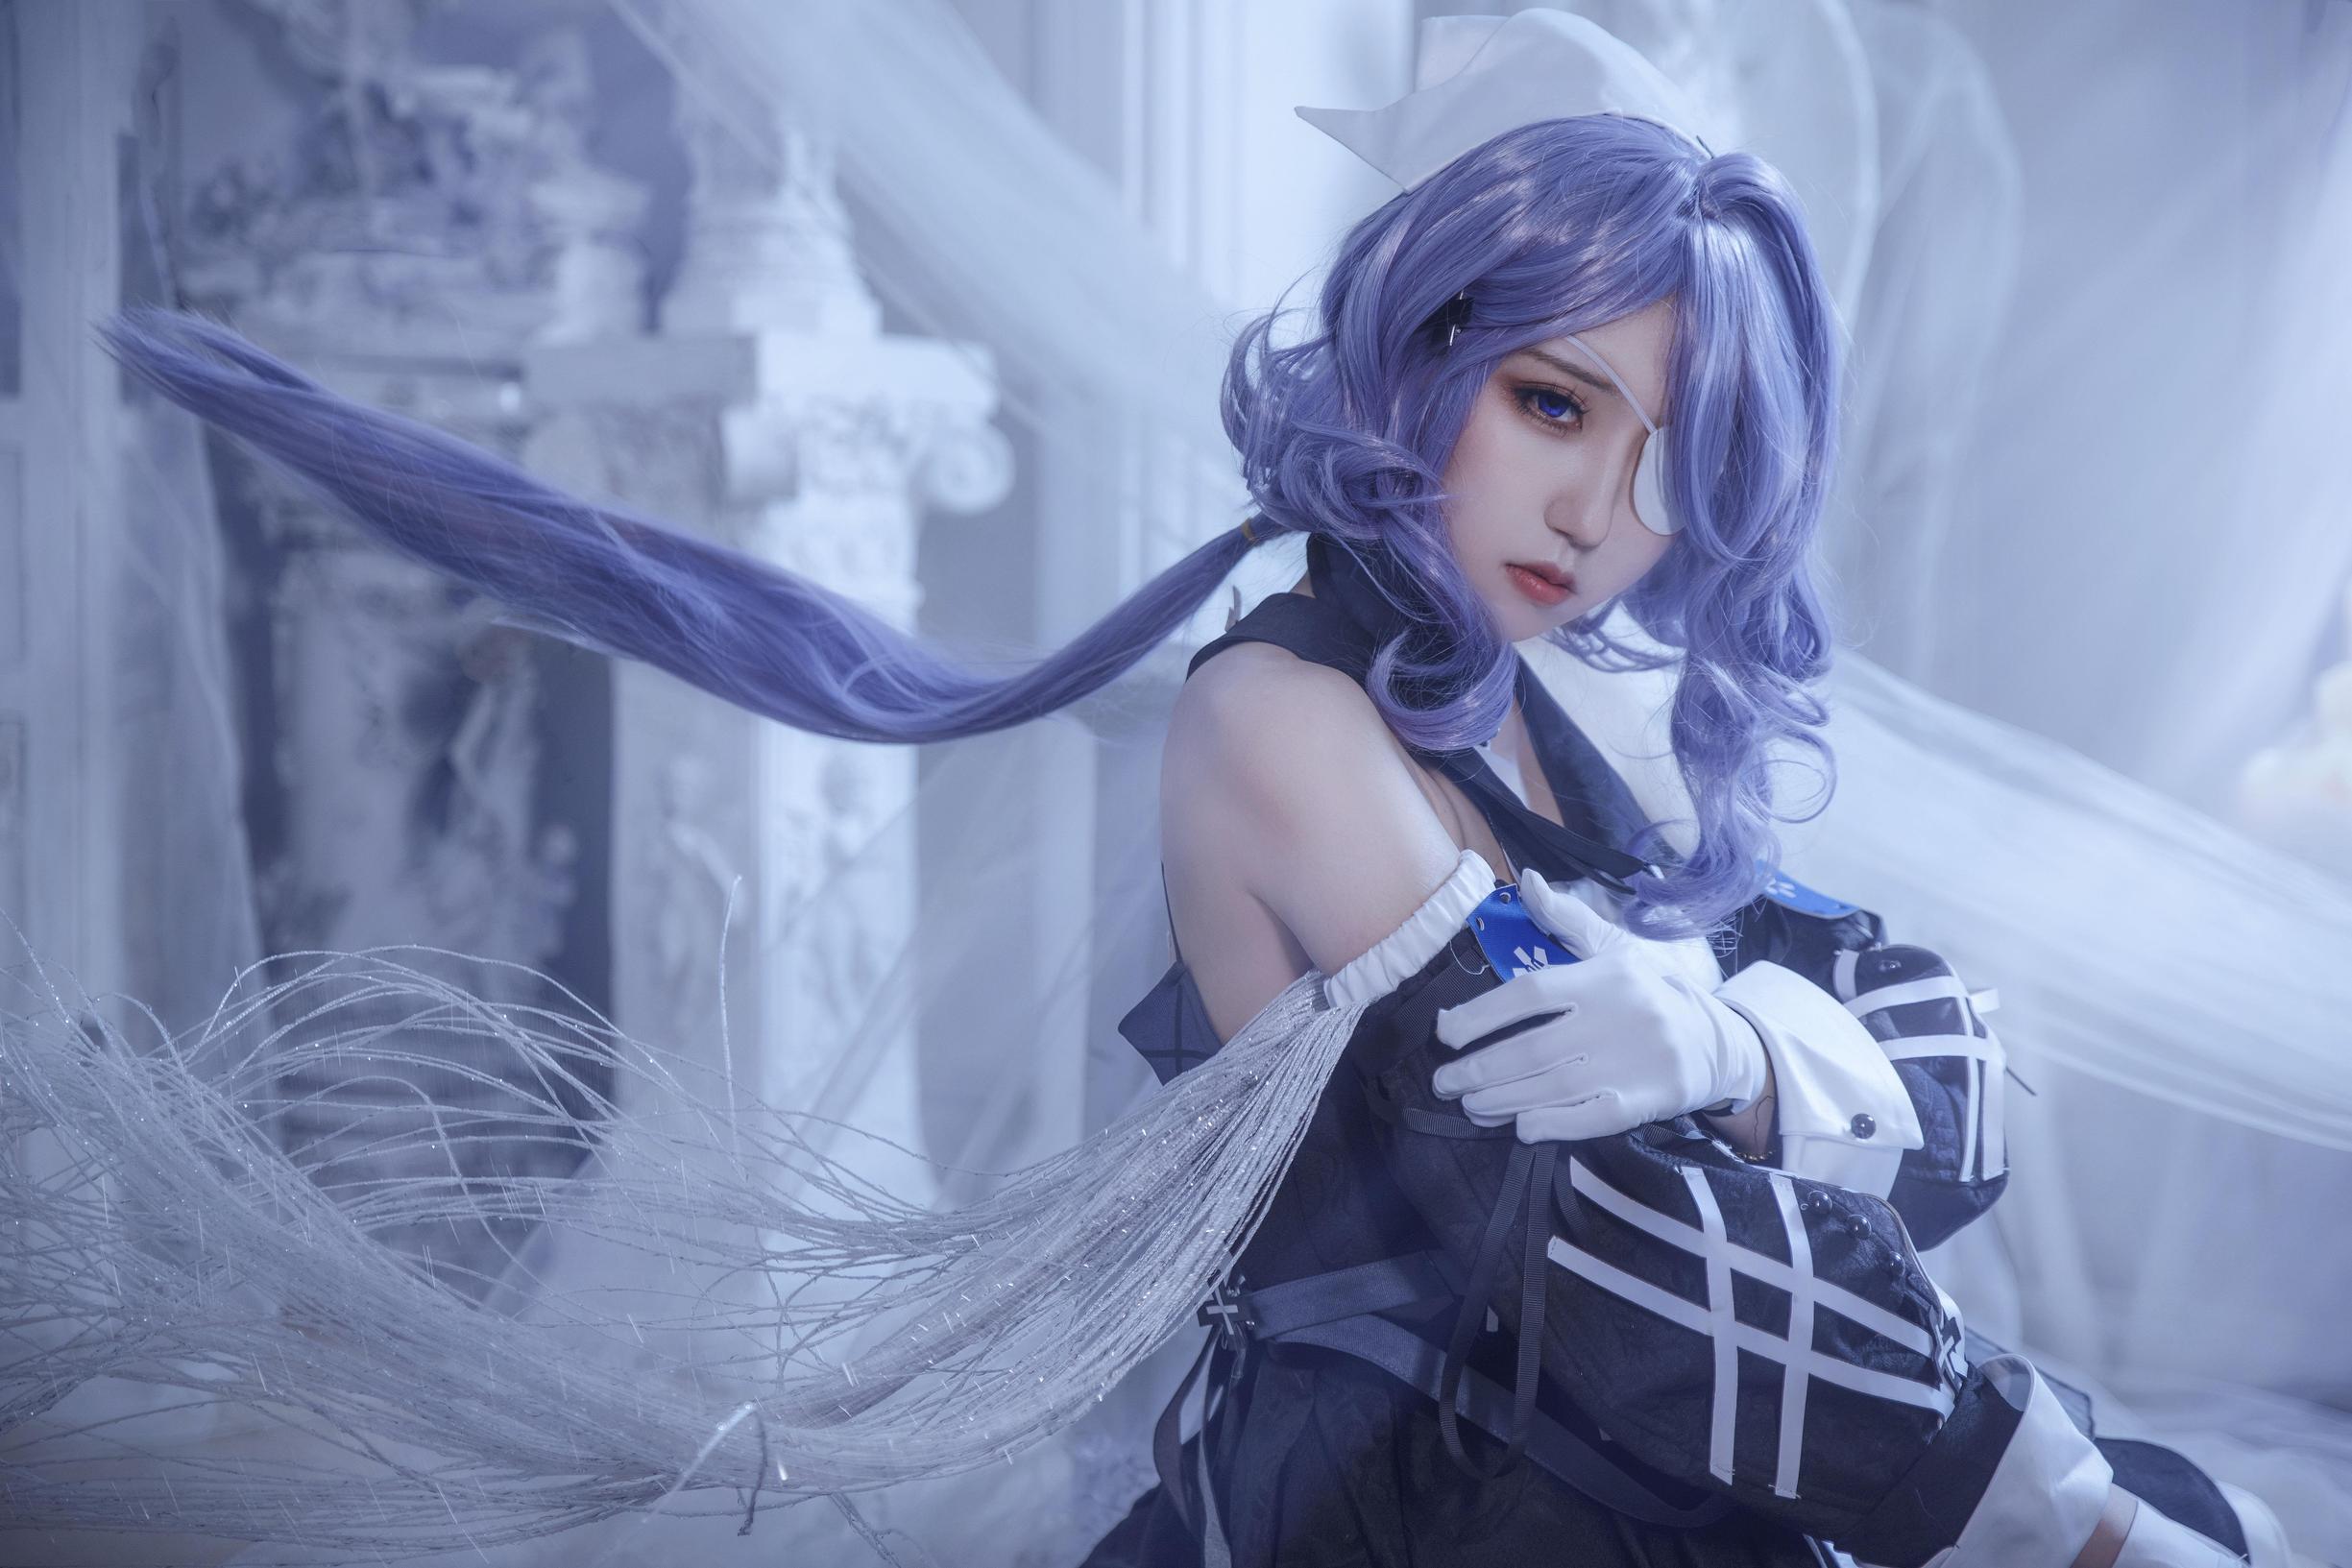 《明日方舟》正片cosplay【CN:婧子君今天不在_】-第12张